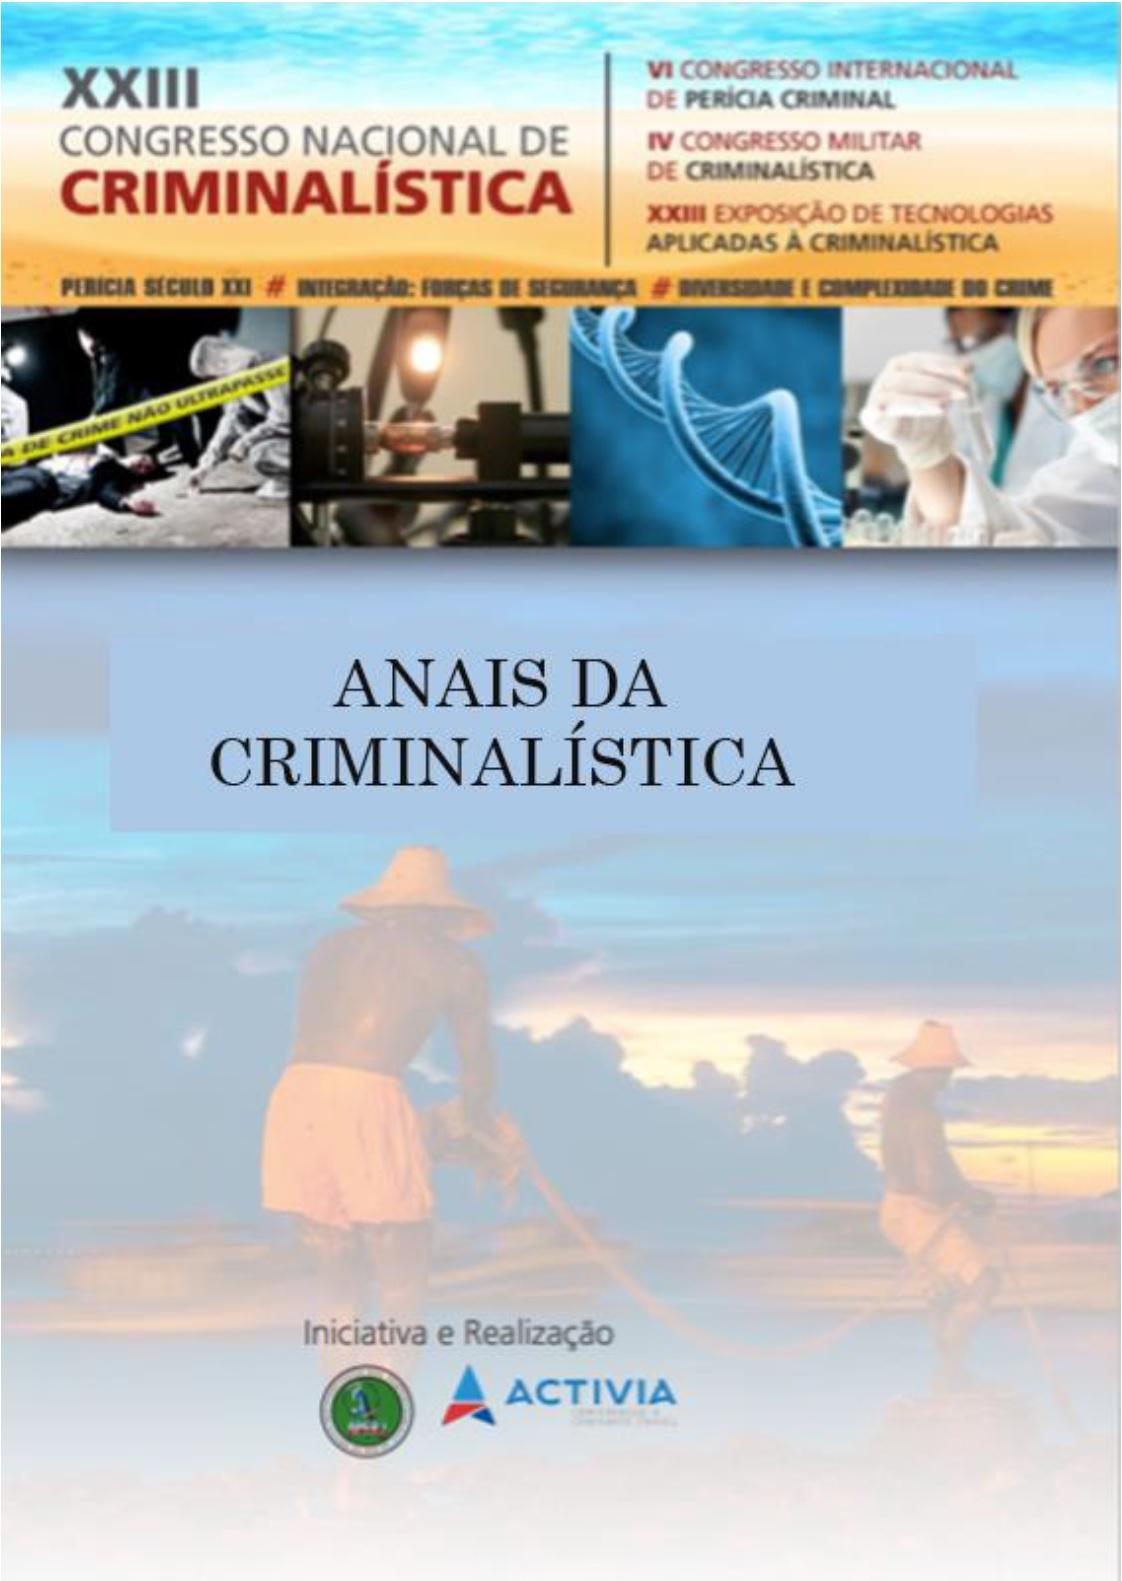 Anais do Congresso Nacional de Criminalística de Búzios